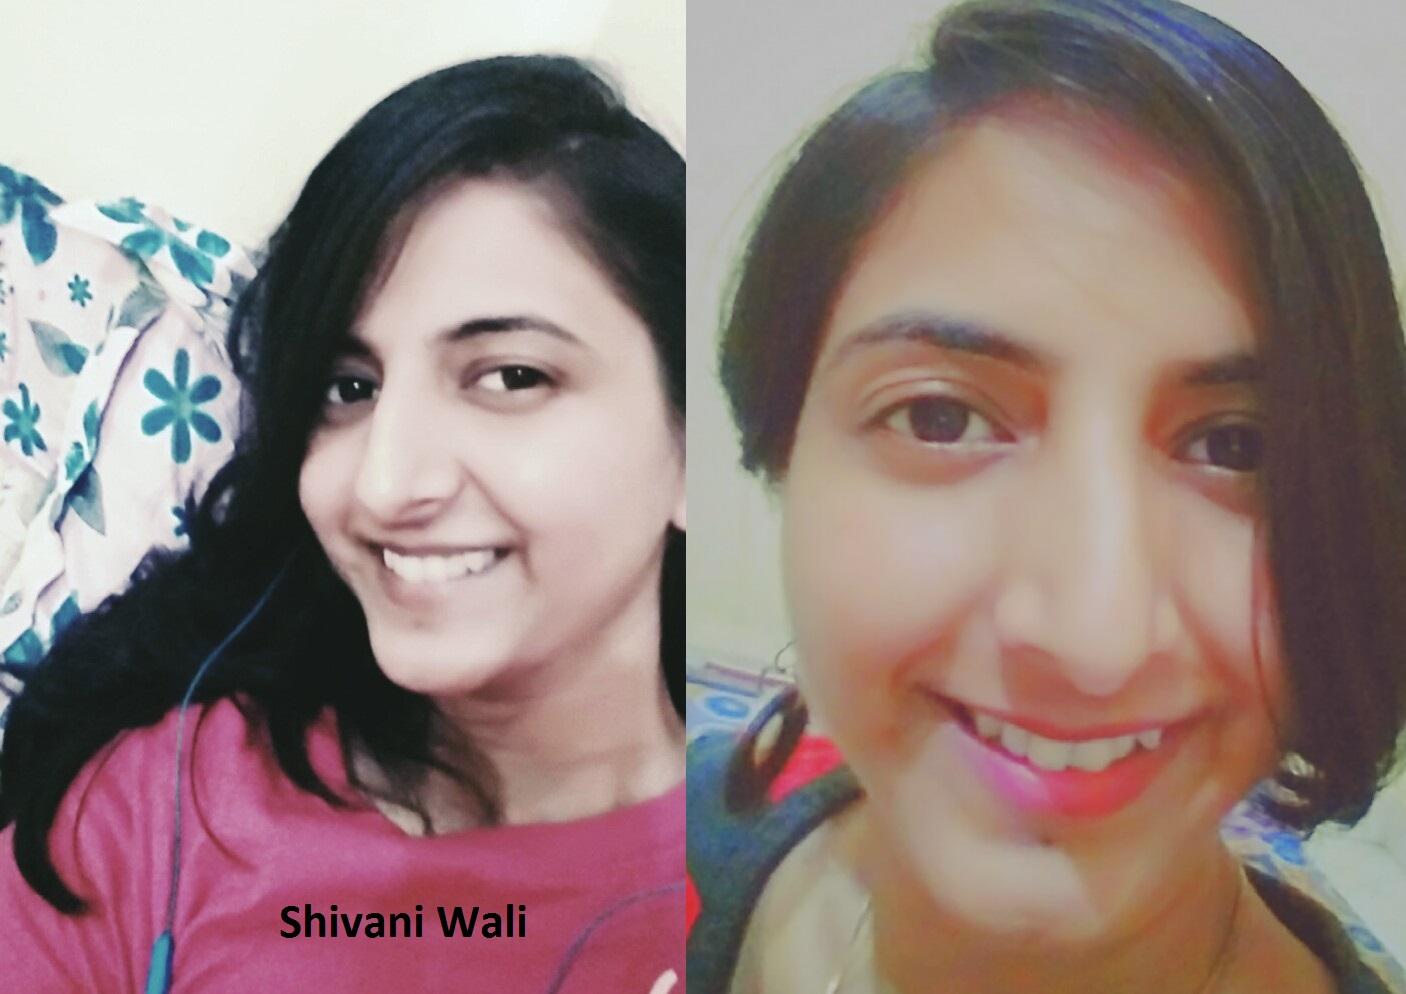 Shivani Wali